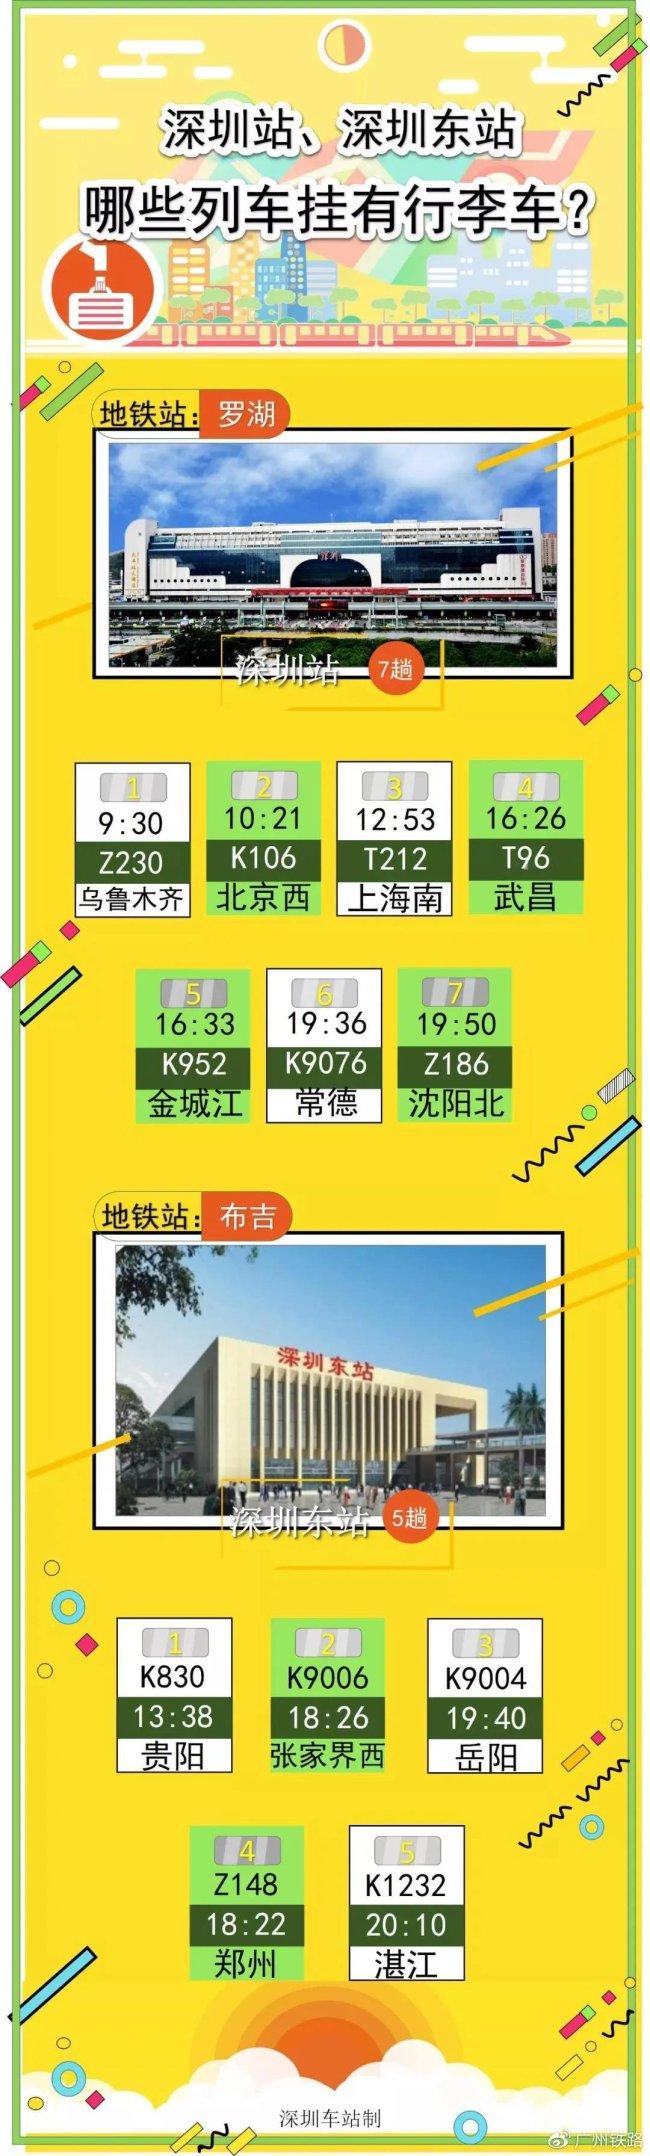 2021深圳火车托运宠物流程是什么?